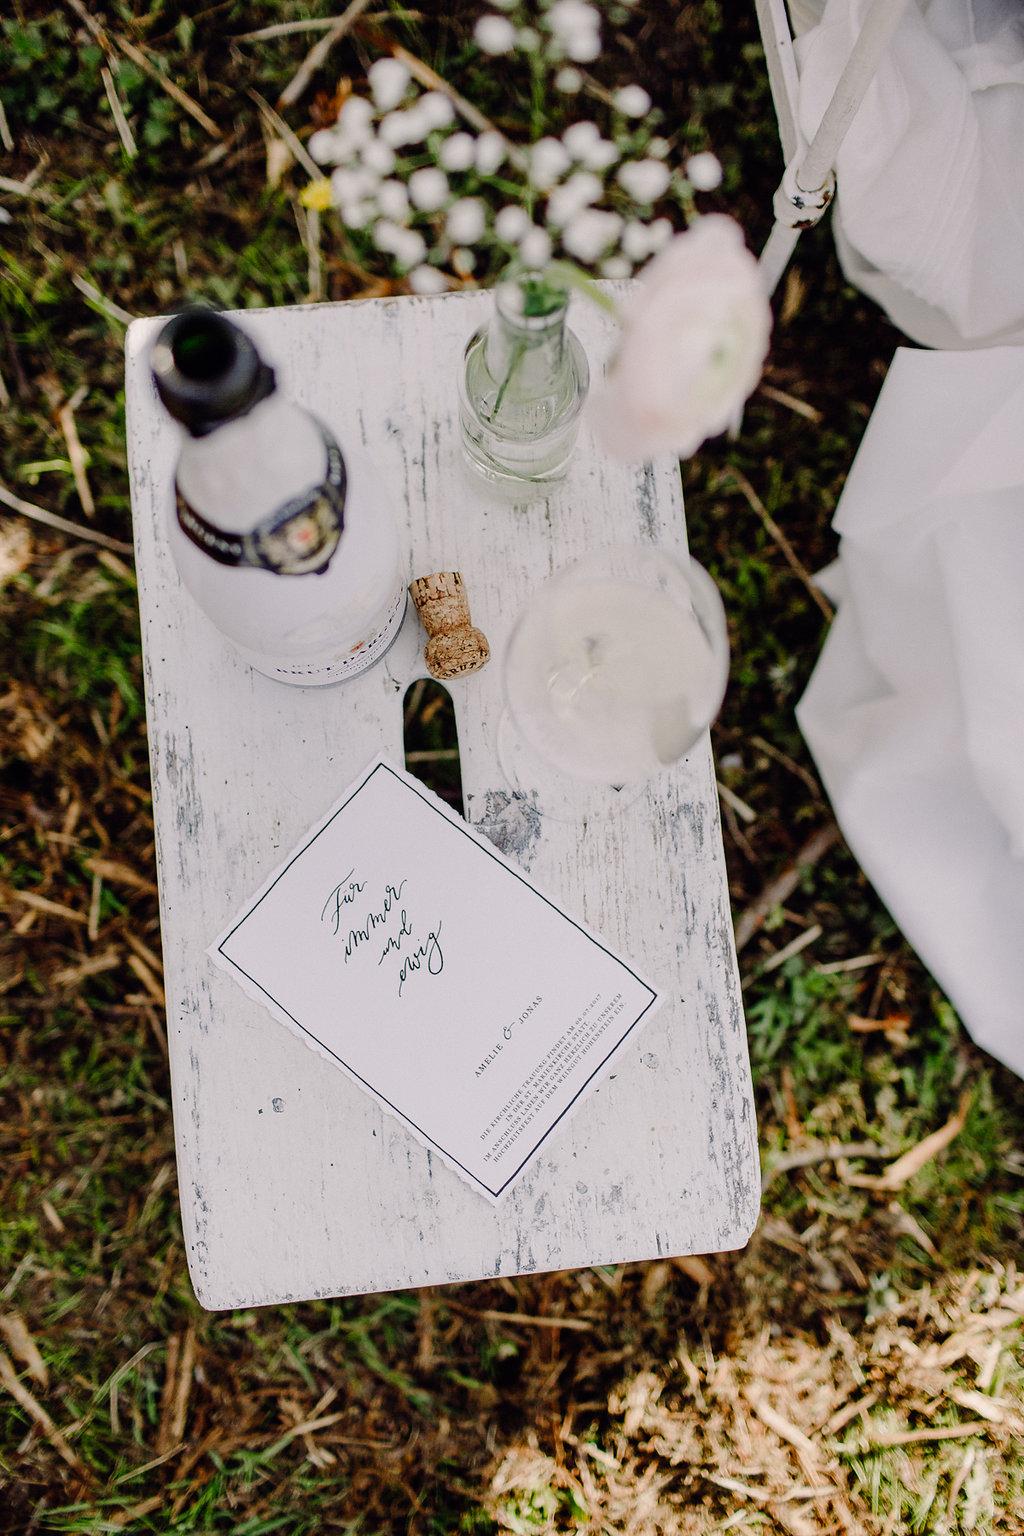 Diy Vorlagen Digital Kalligraphie Einladung Für Hochzeit Zum Selber Ausdrucken I Elegance Digital